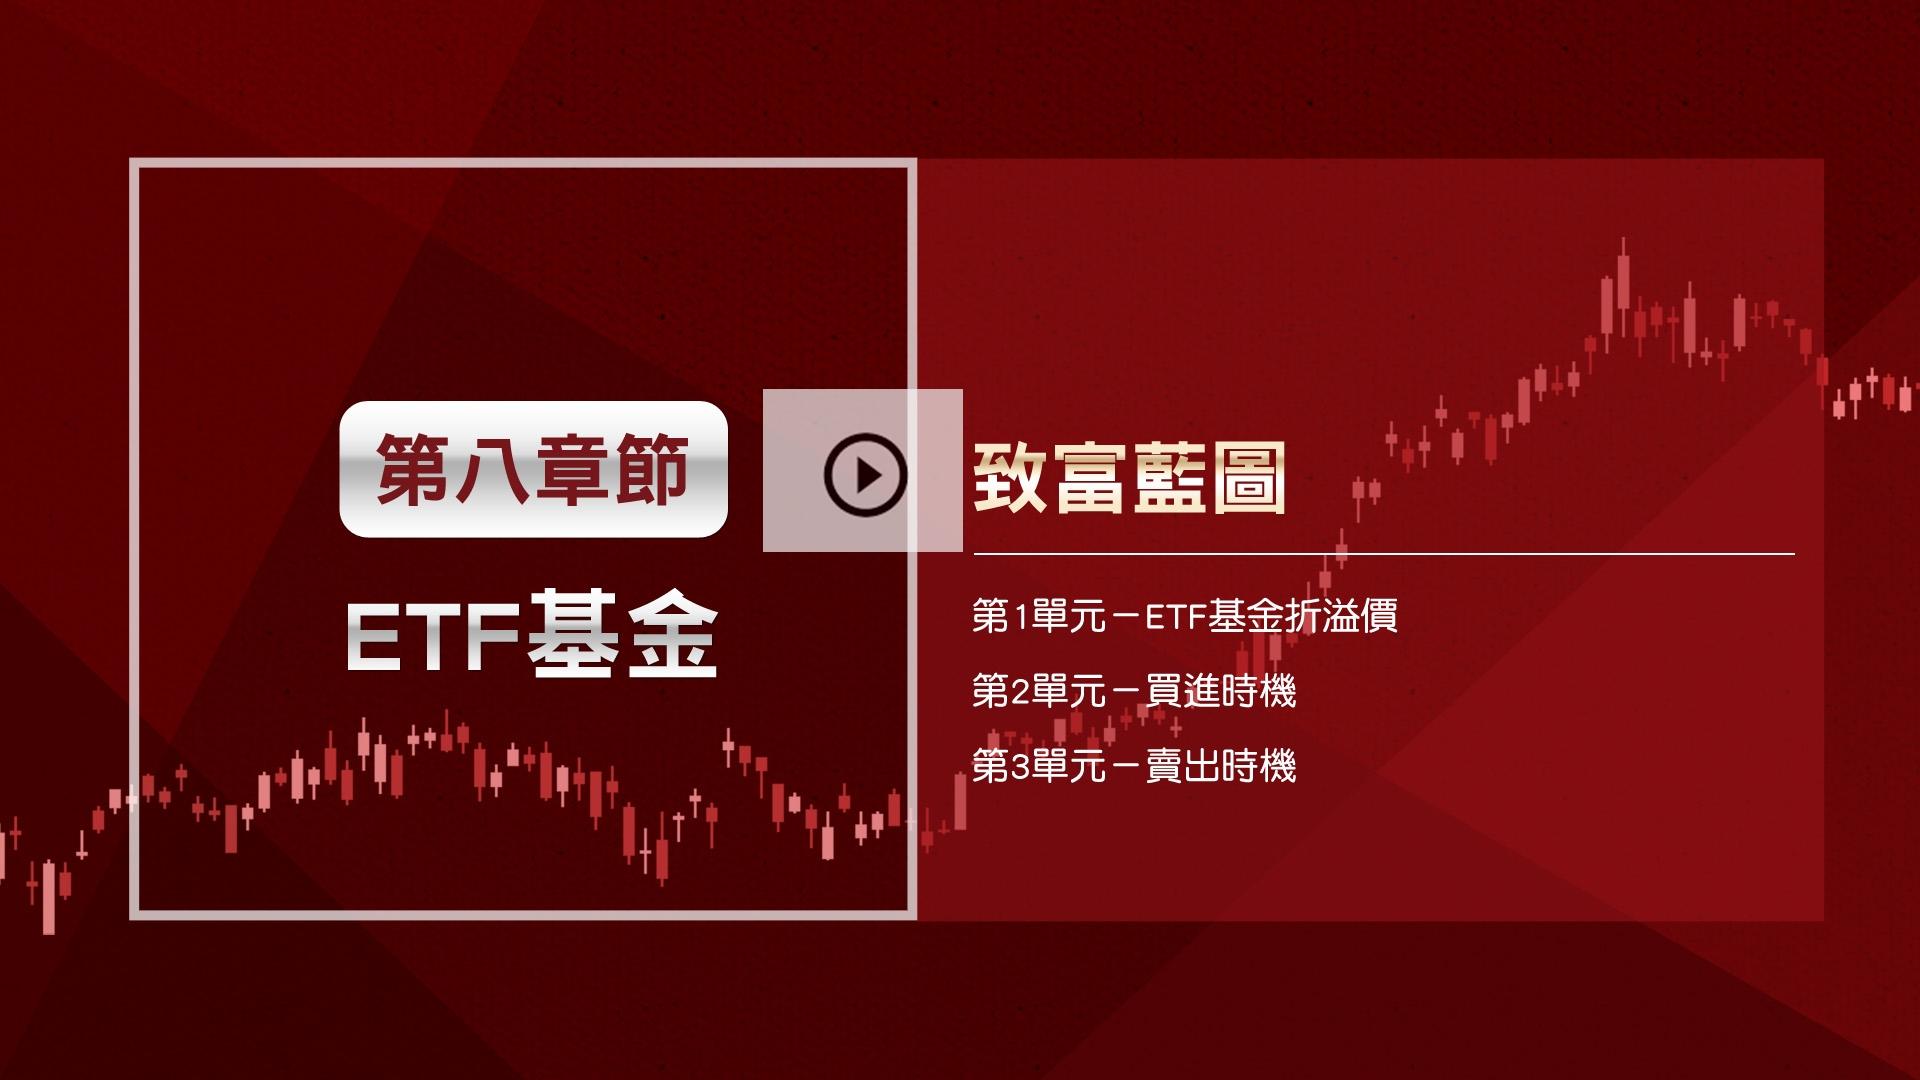 第八章節、ETF基金:致富藍圖《3大單元》(已上架)